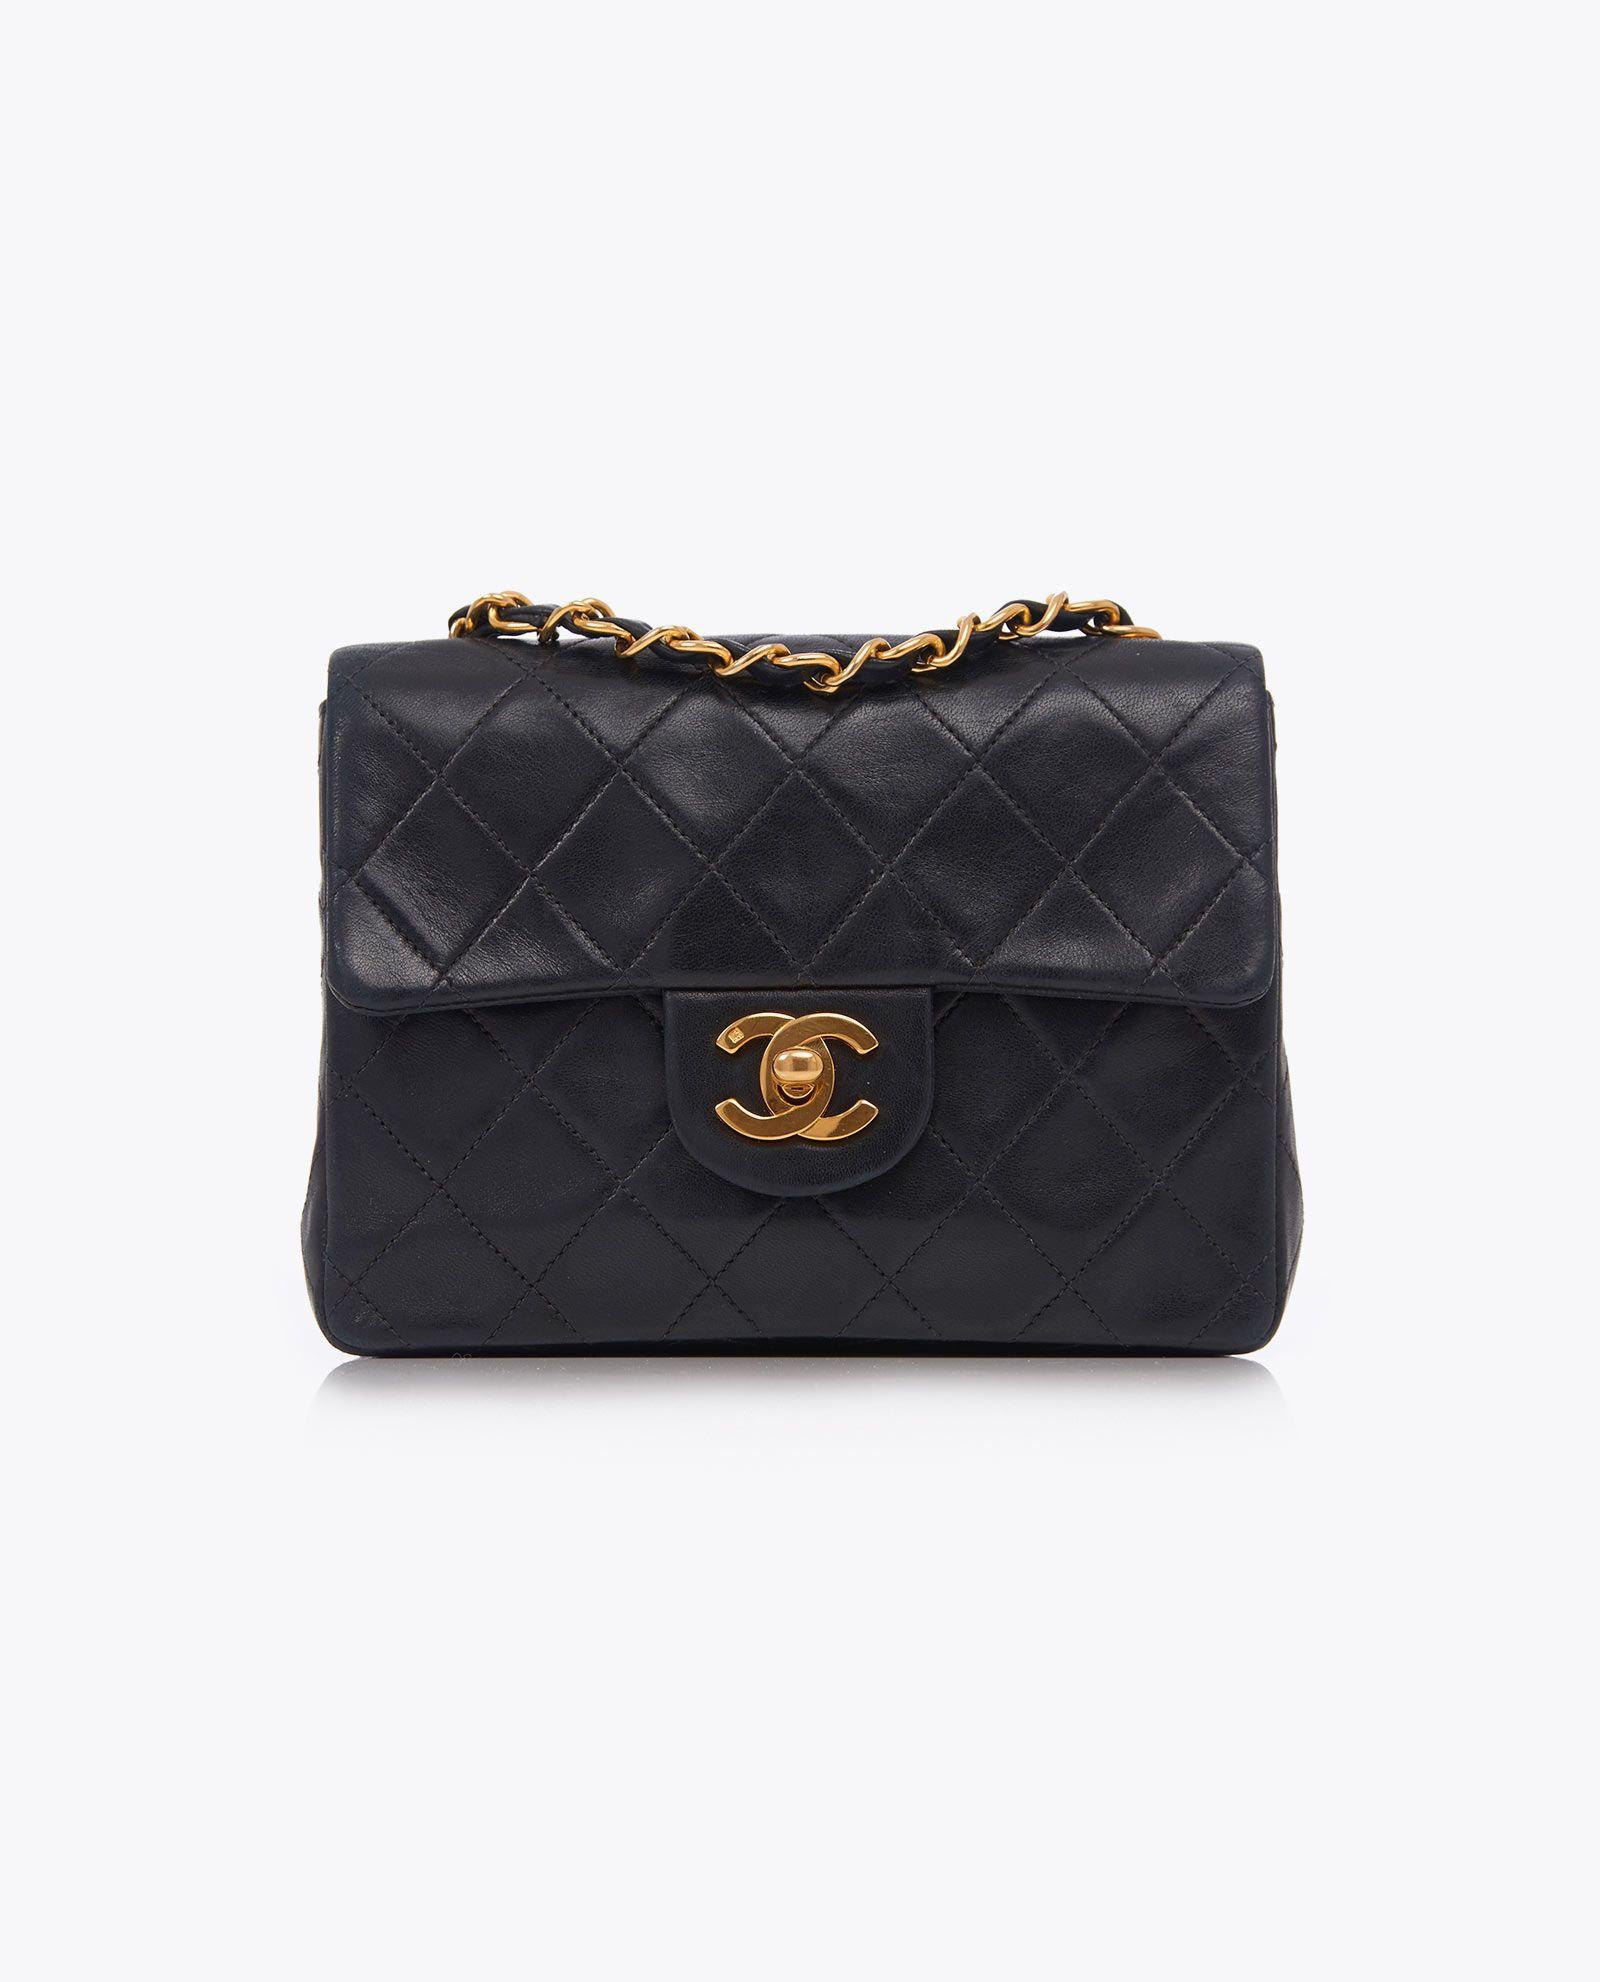 Vintage Chanel 7 Classic Flap Bag 09032015 Classic Flap Bag Vintage Chanel Bags